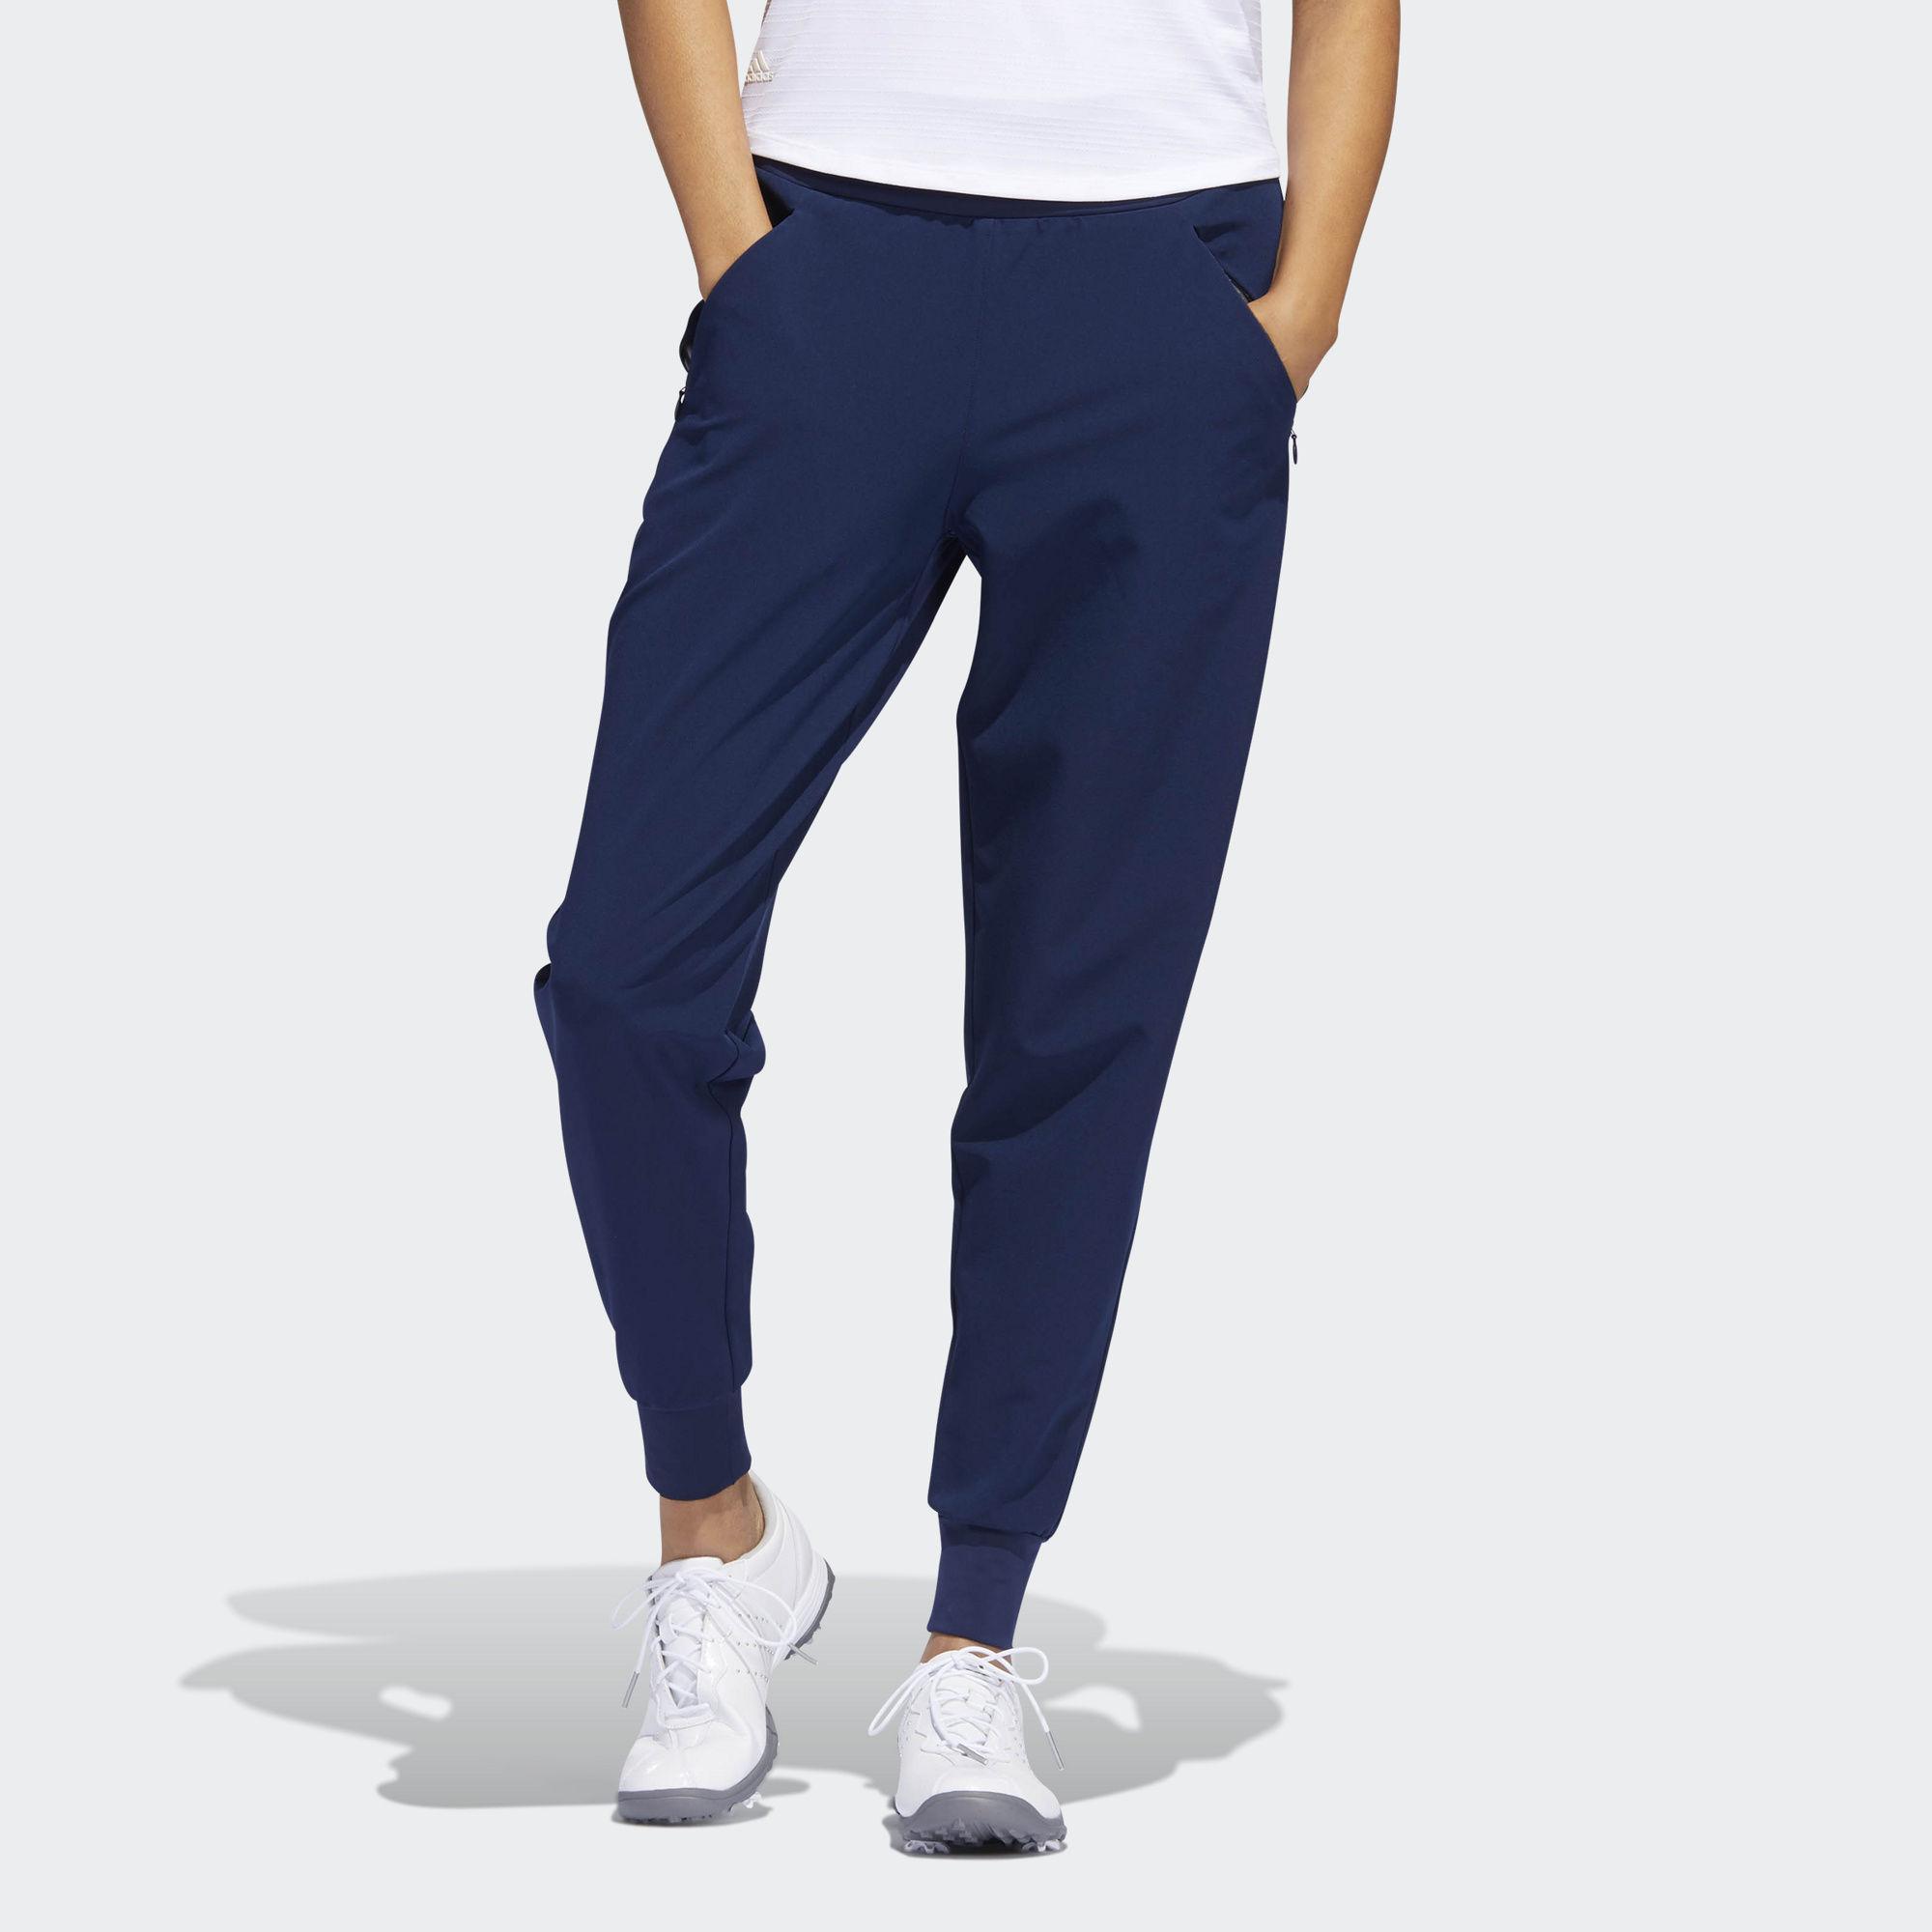 1098d89caa2 adidas. Women's Blue Beyond18 Jogger Trousers